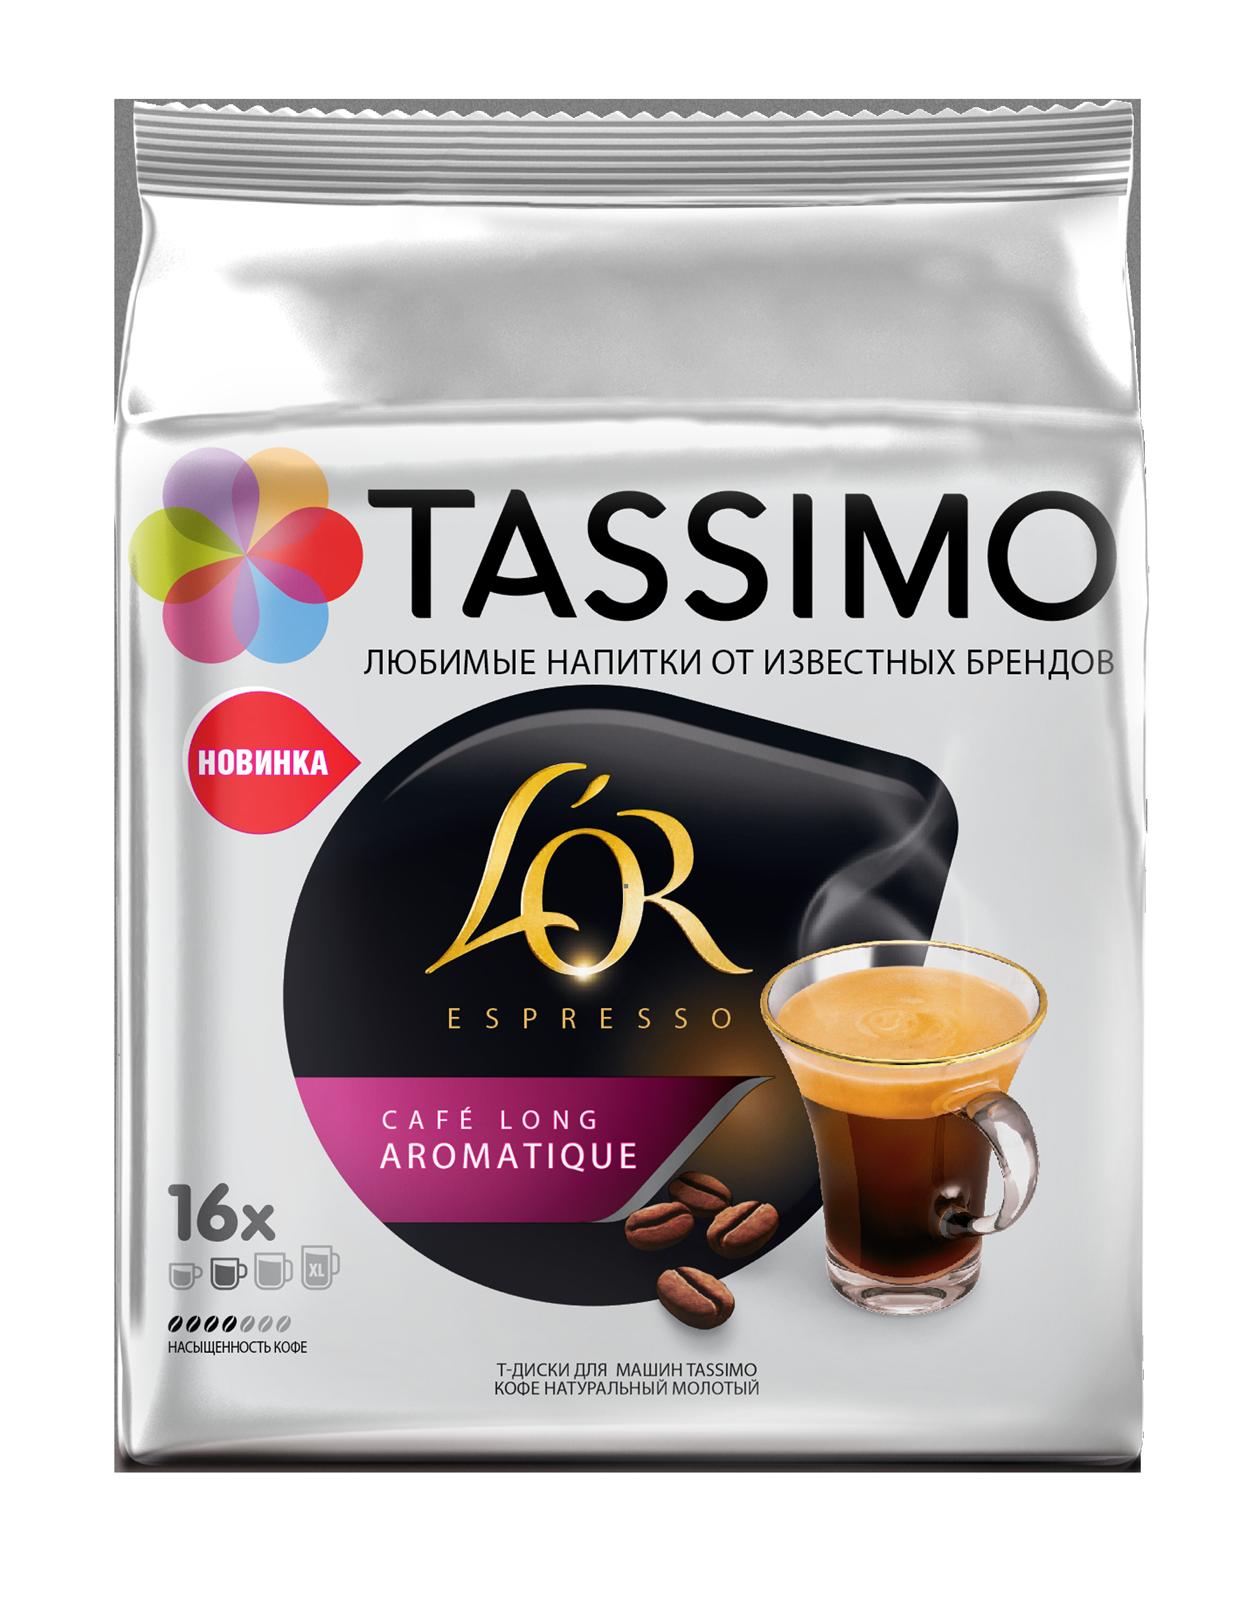 Кофе в капсулах Tassimo L'or Espresso Cafe Long Aromatique 16 порций